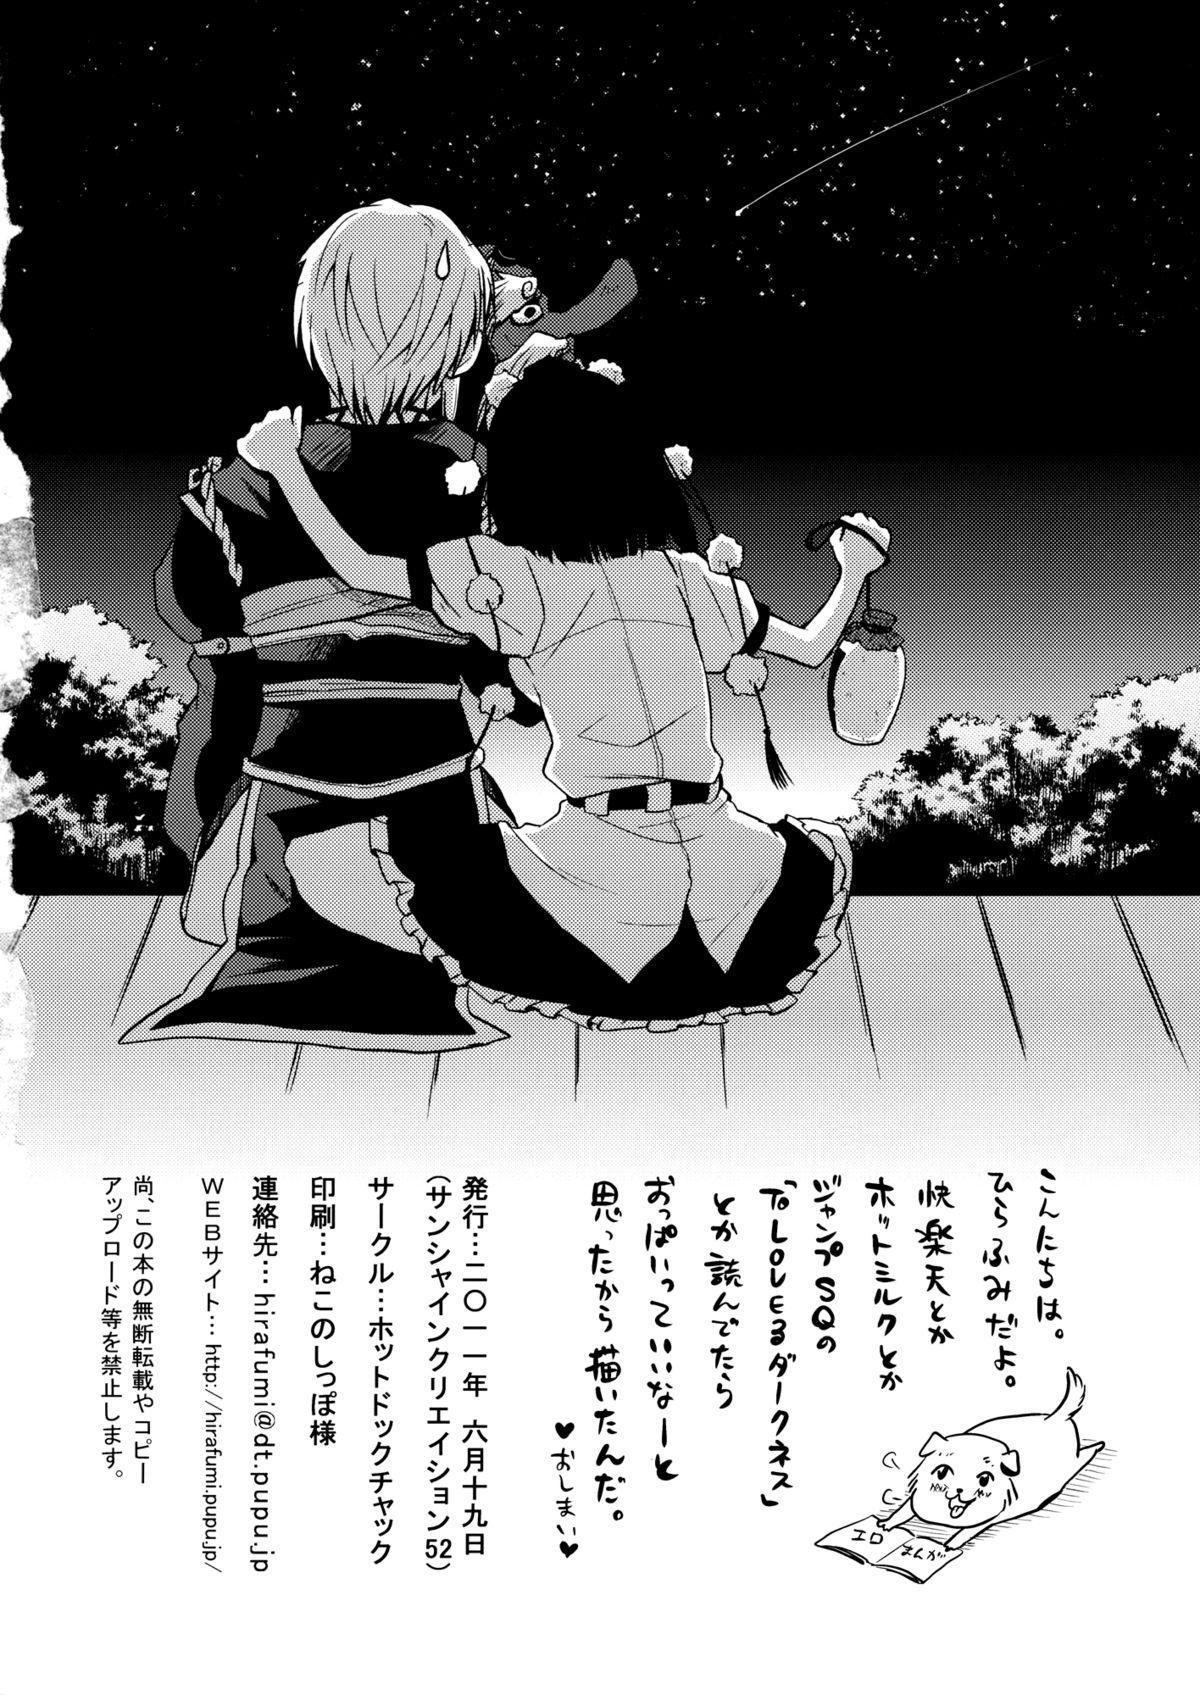 Shoujo Sono Na wa Amatsu Kamiboshi | A Girl named Amatsu Mikaboshi 16